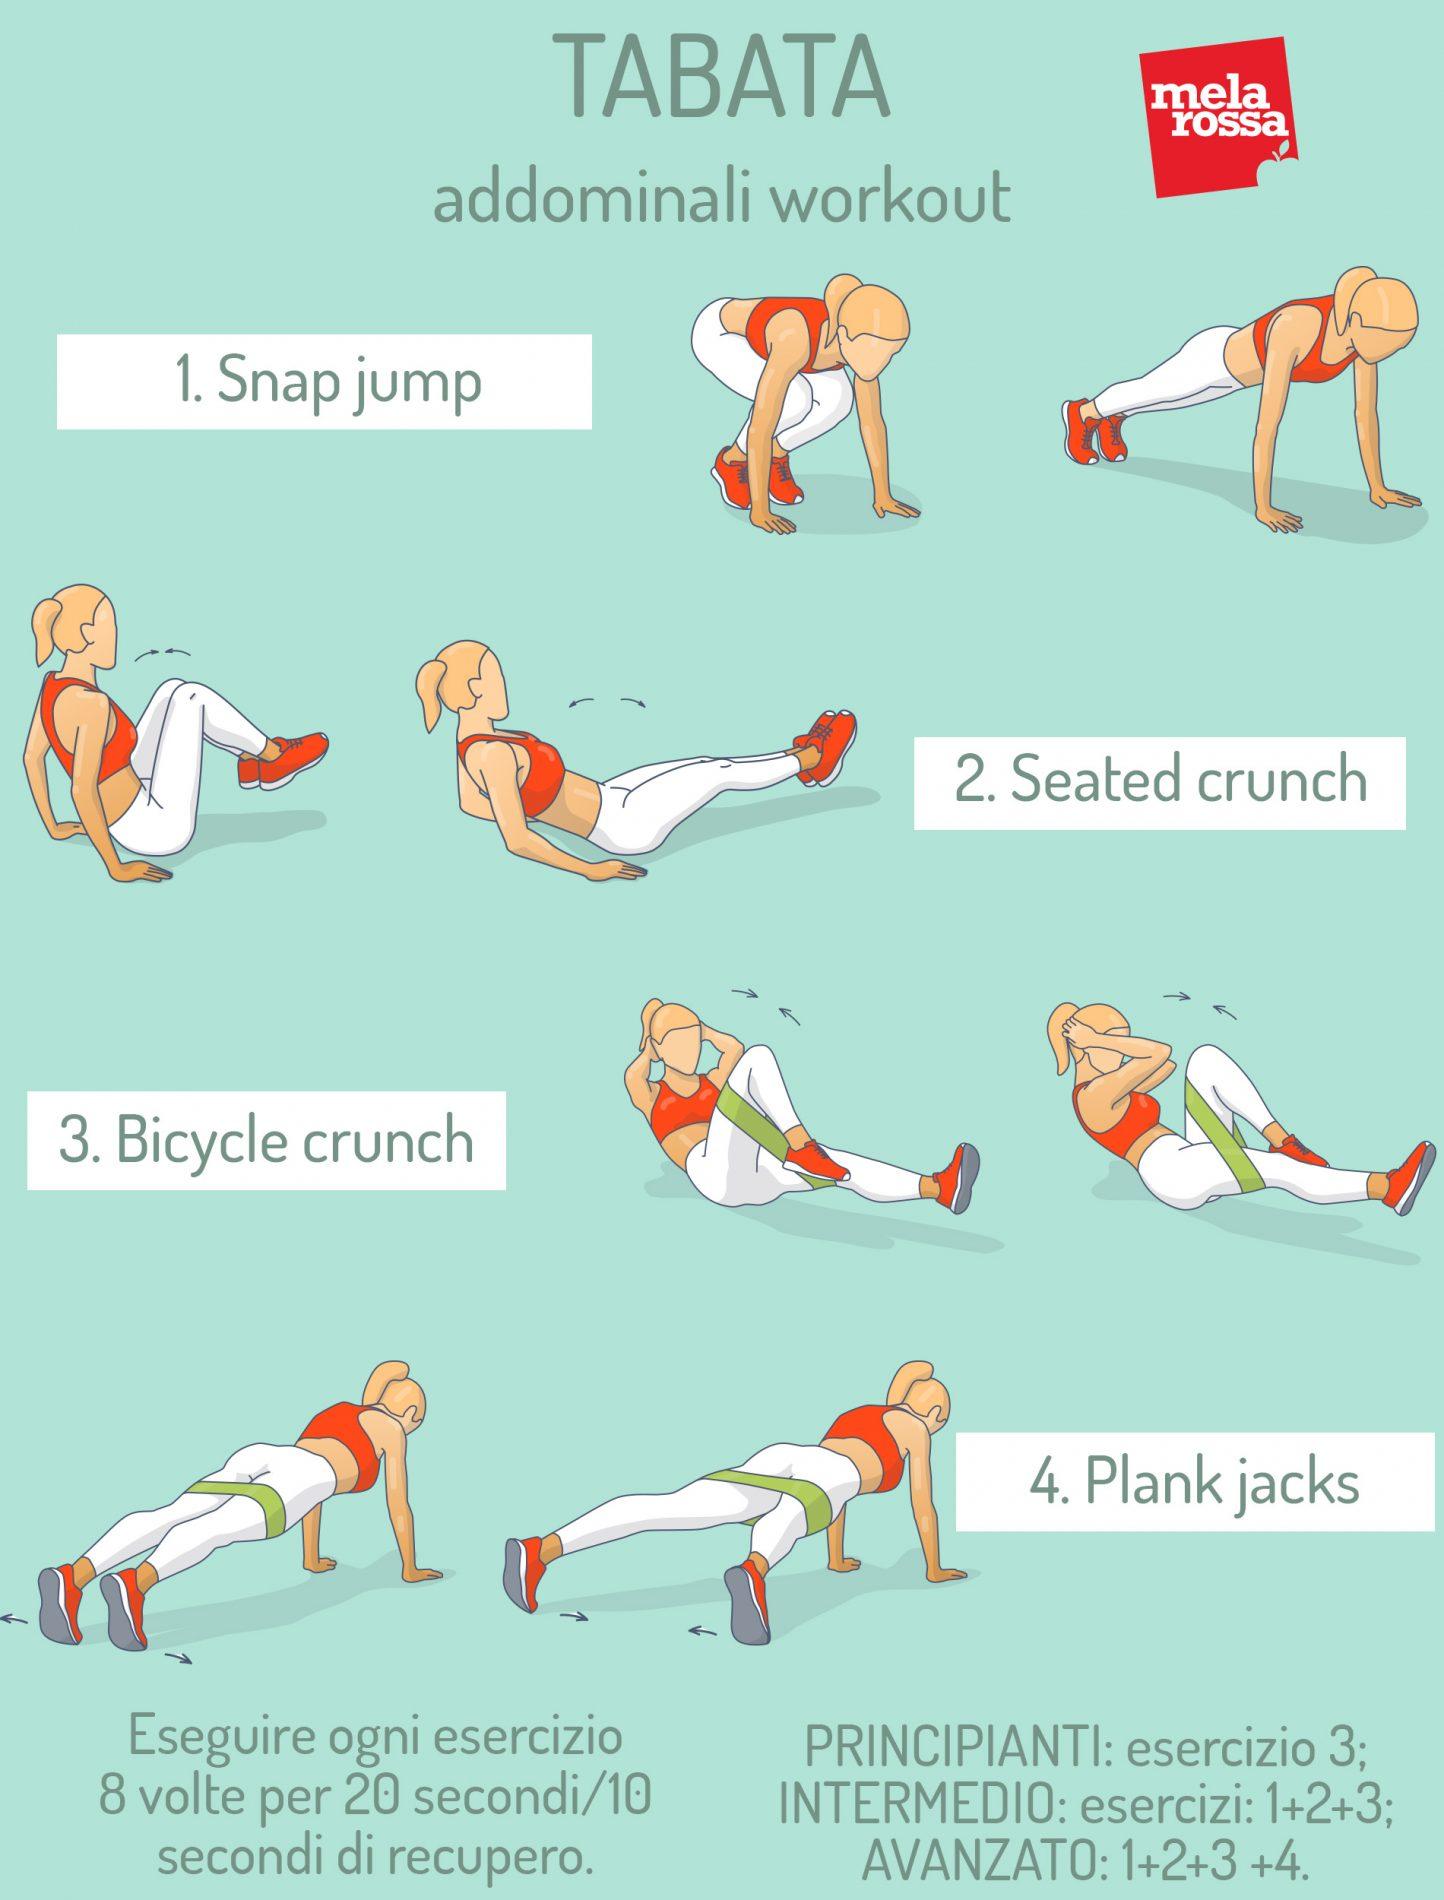 Tabata workout addominali